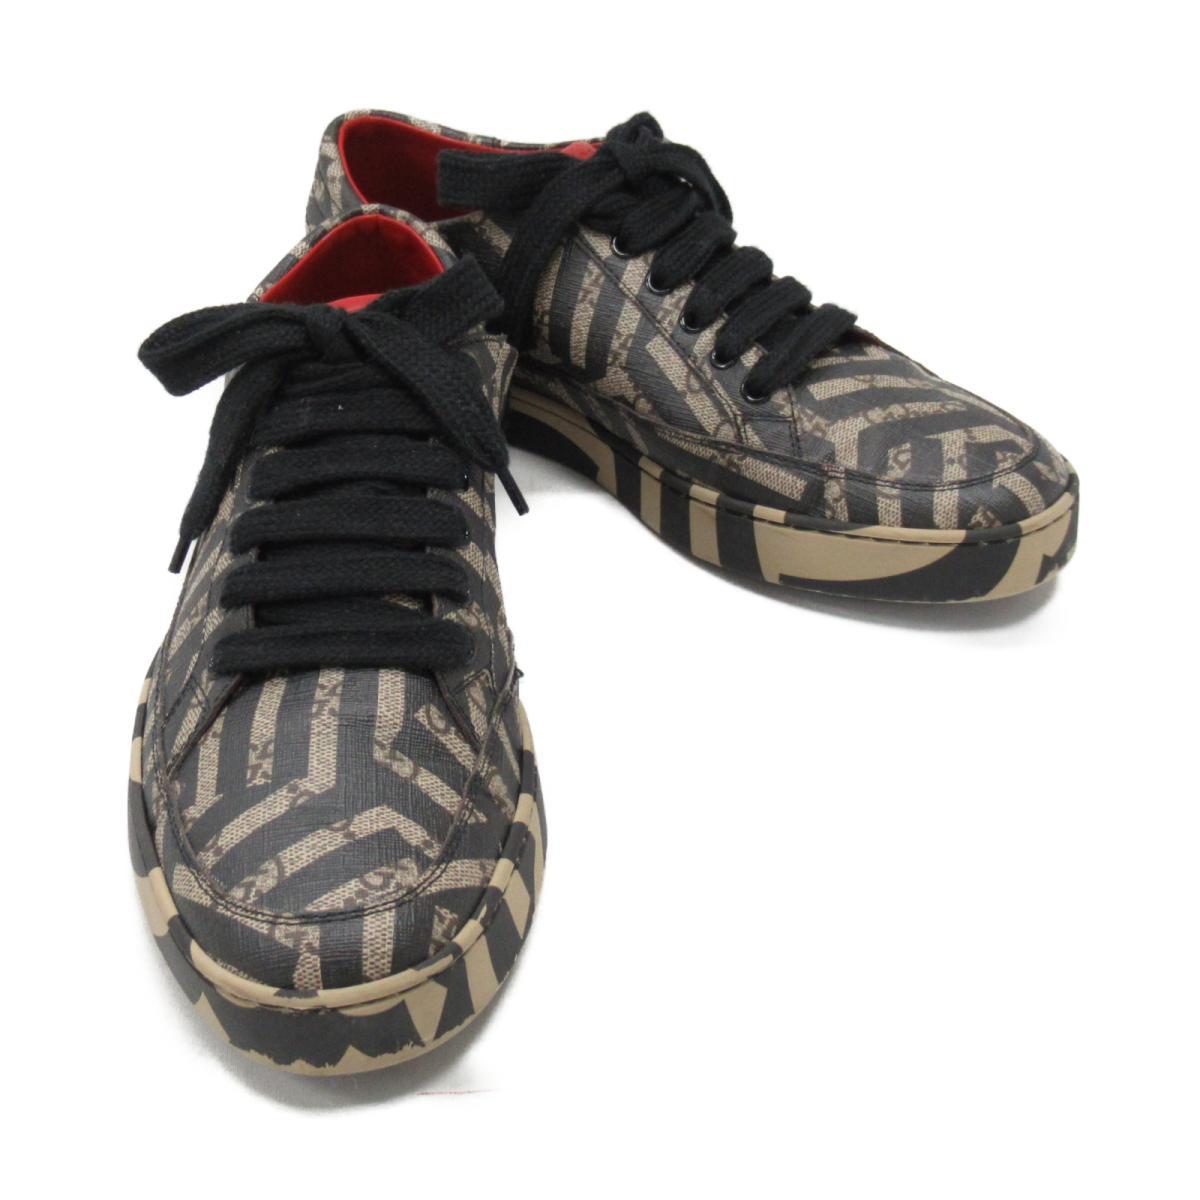 【中古】 グッチ スニーカー メンズ PVC ブラック x ベージュ系 (407343) | GUCCI くつ 靴 スニーカー 美品 ブランドオフ